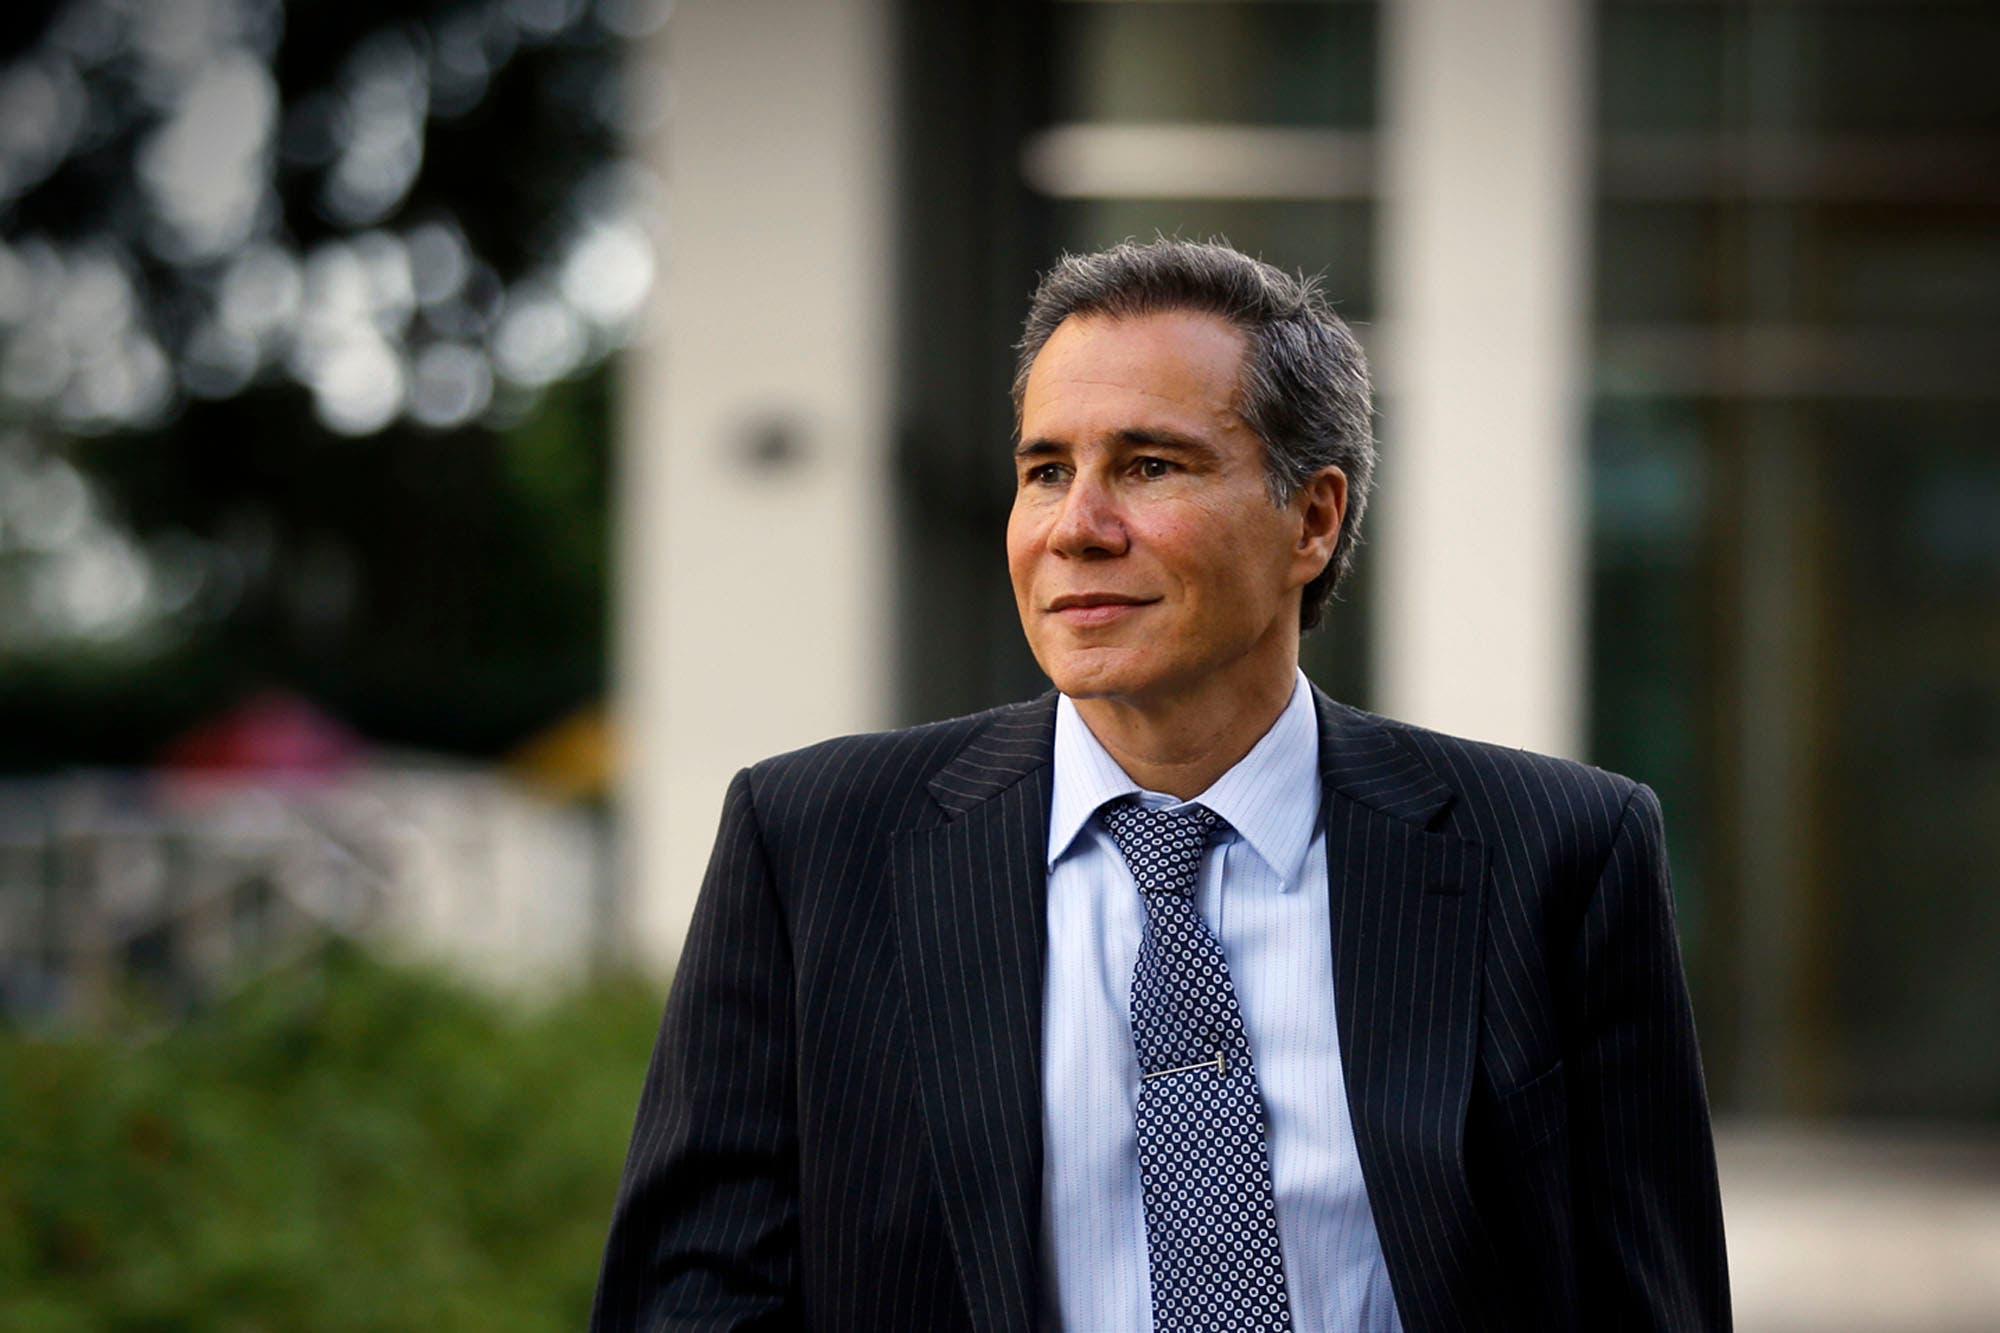 La madre de Nisman pidió que Alberto Fernández ordene frenar cualquier revisión del peritaje